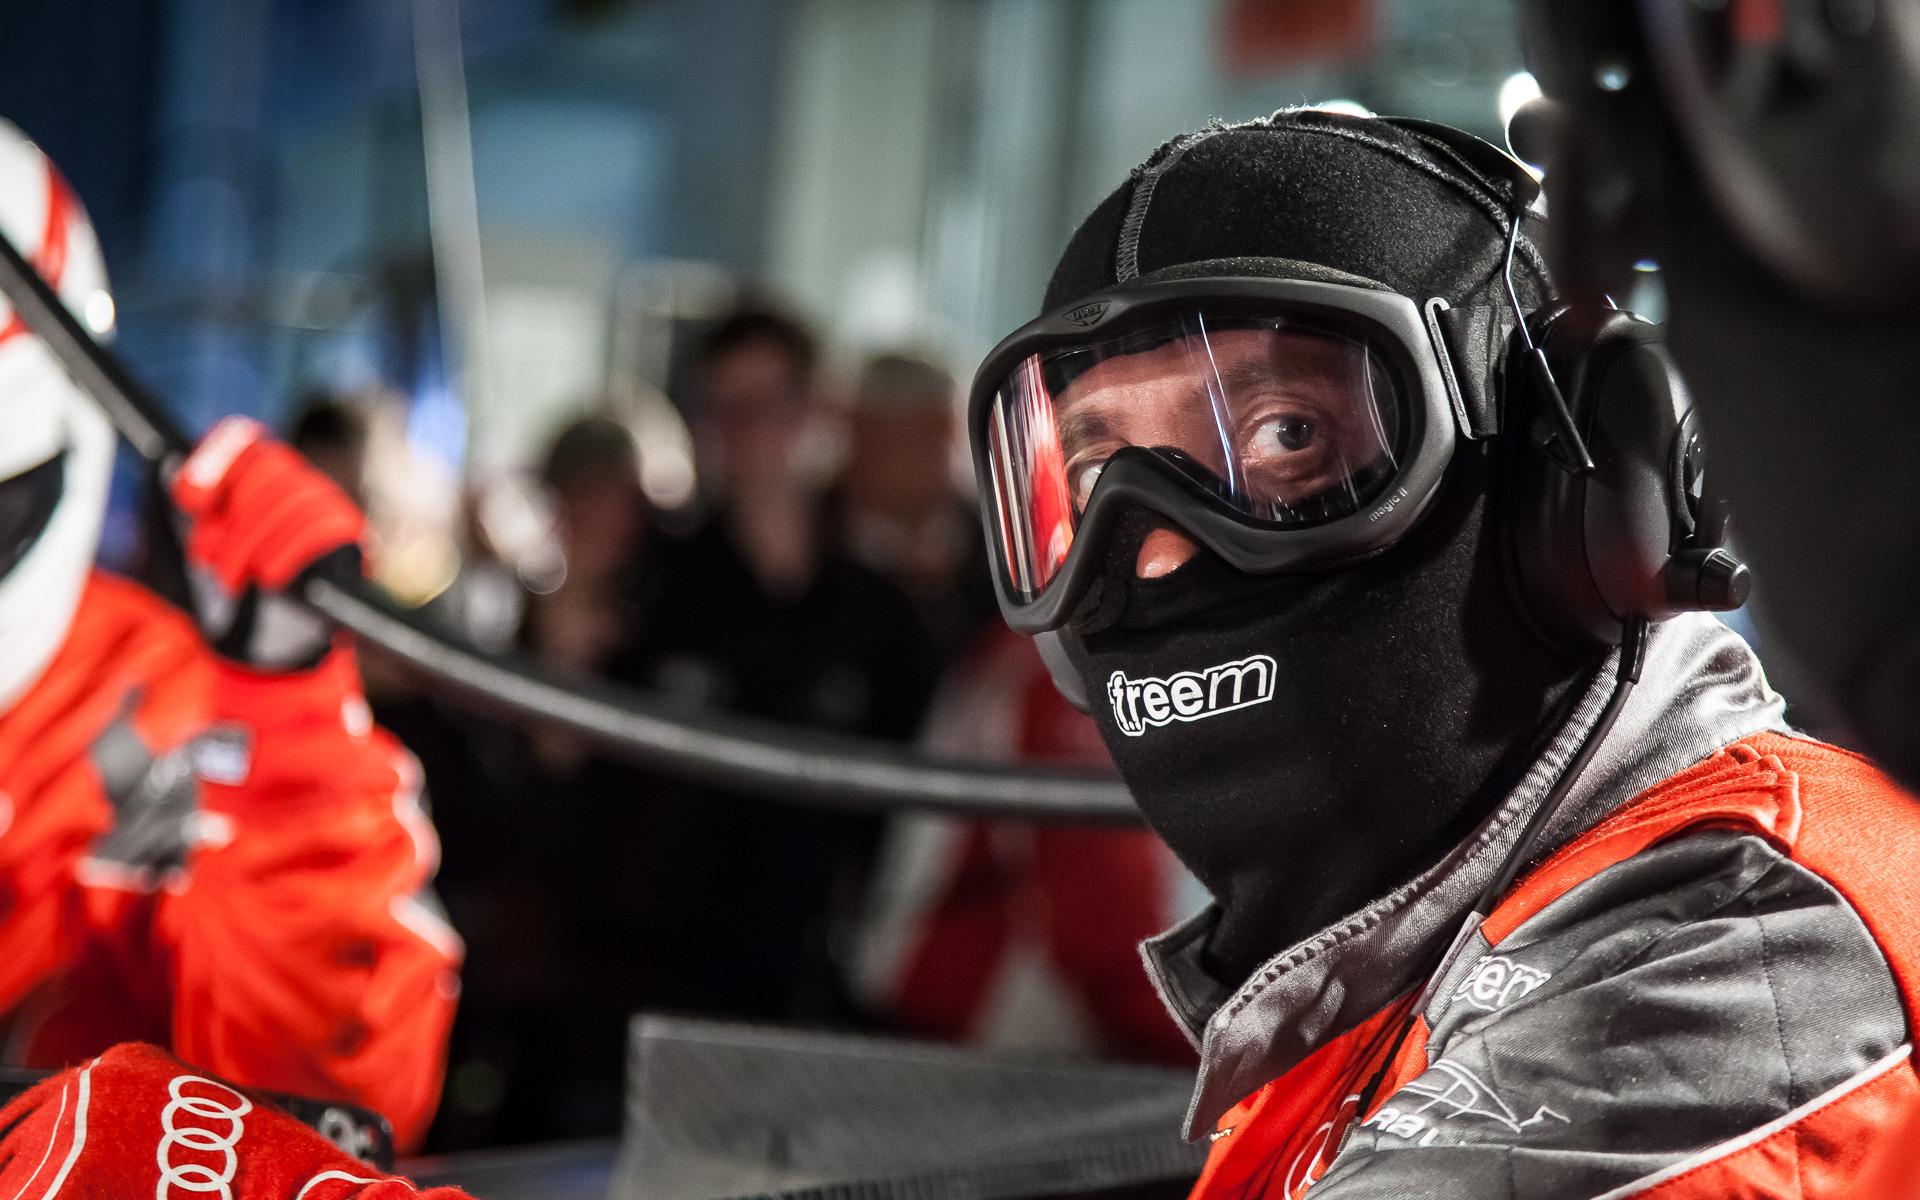 Nürburgring, 24-Stundenrennen 2014, Boxengasse, Audi-Mechaniker beim Betanken eines Rennwagens